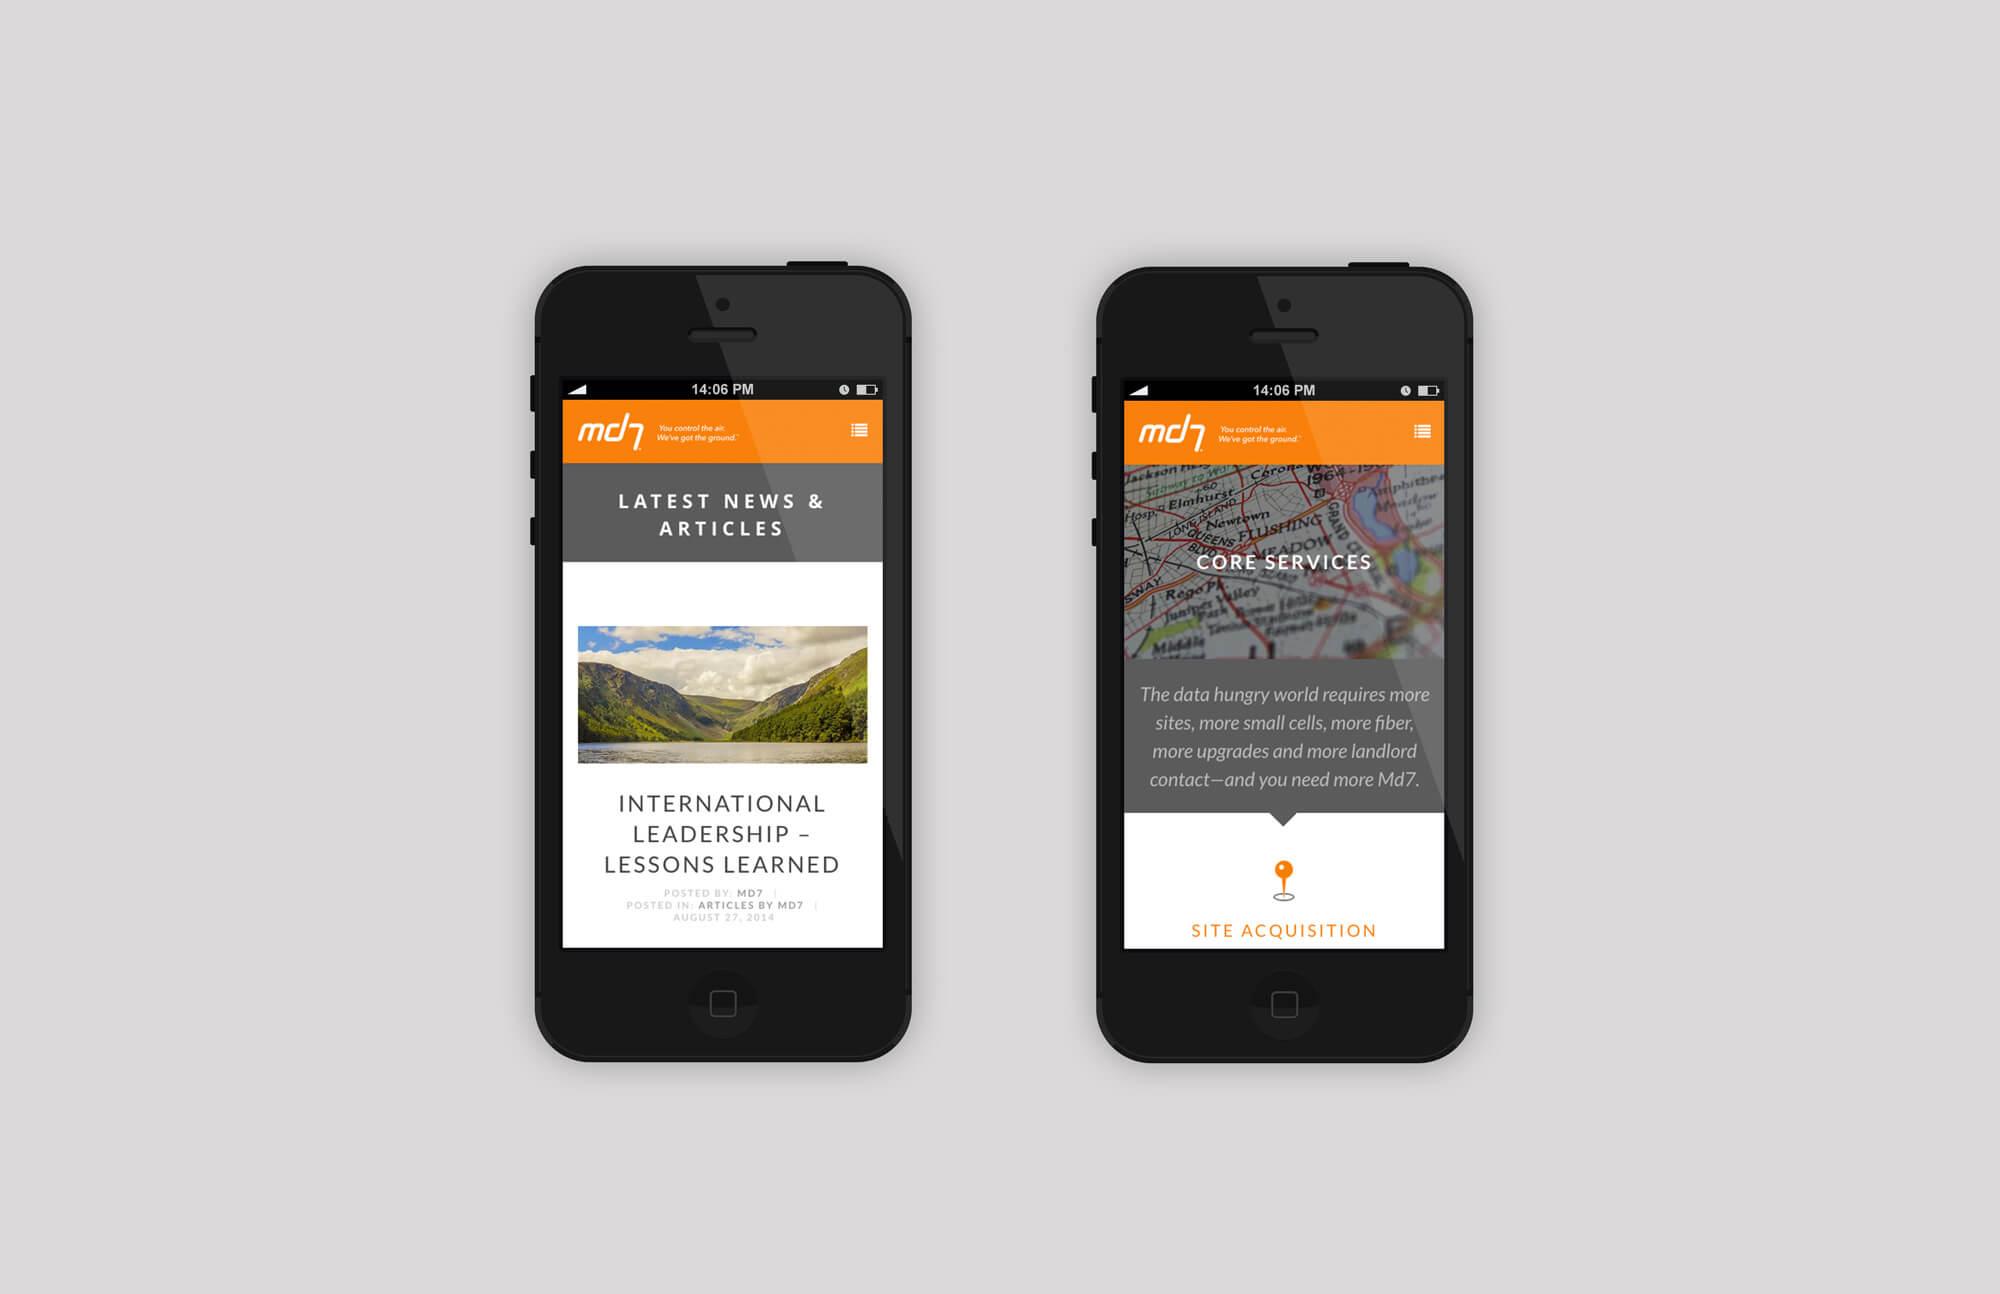 MD7-Website-Phone-Mockup